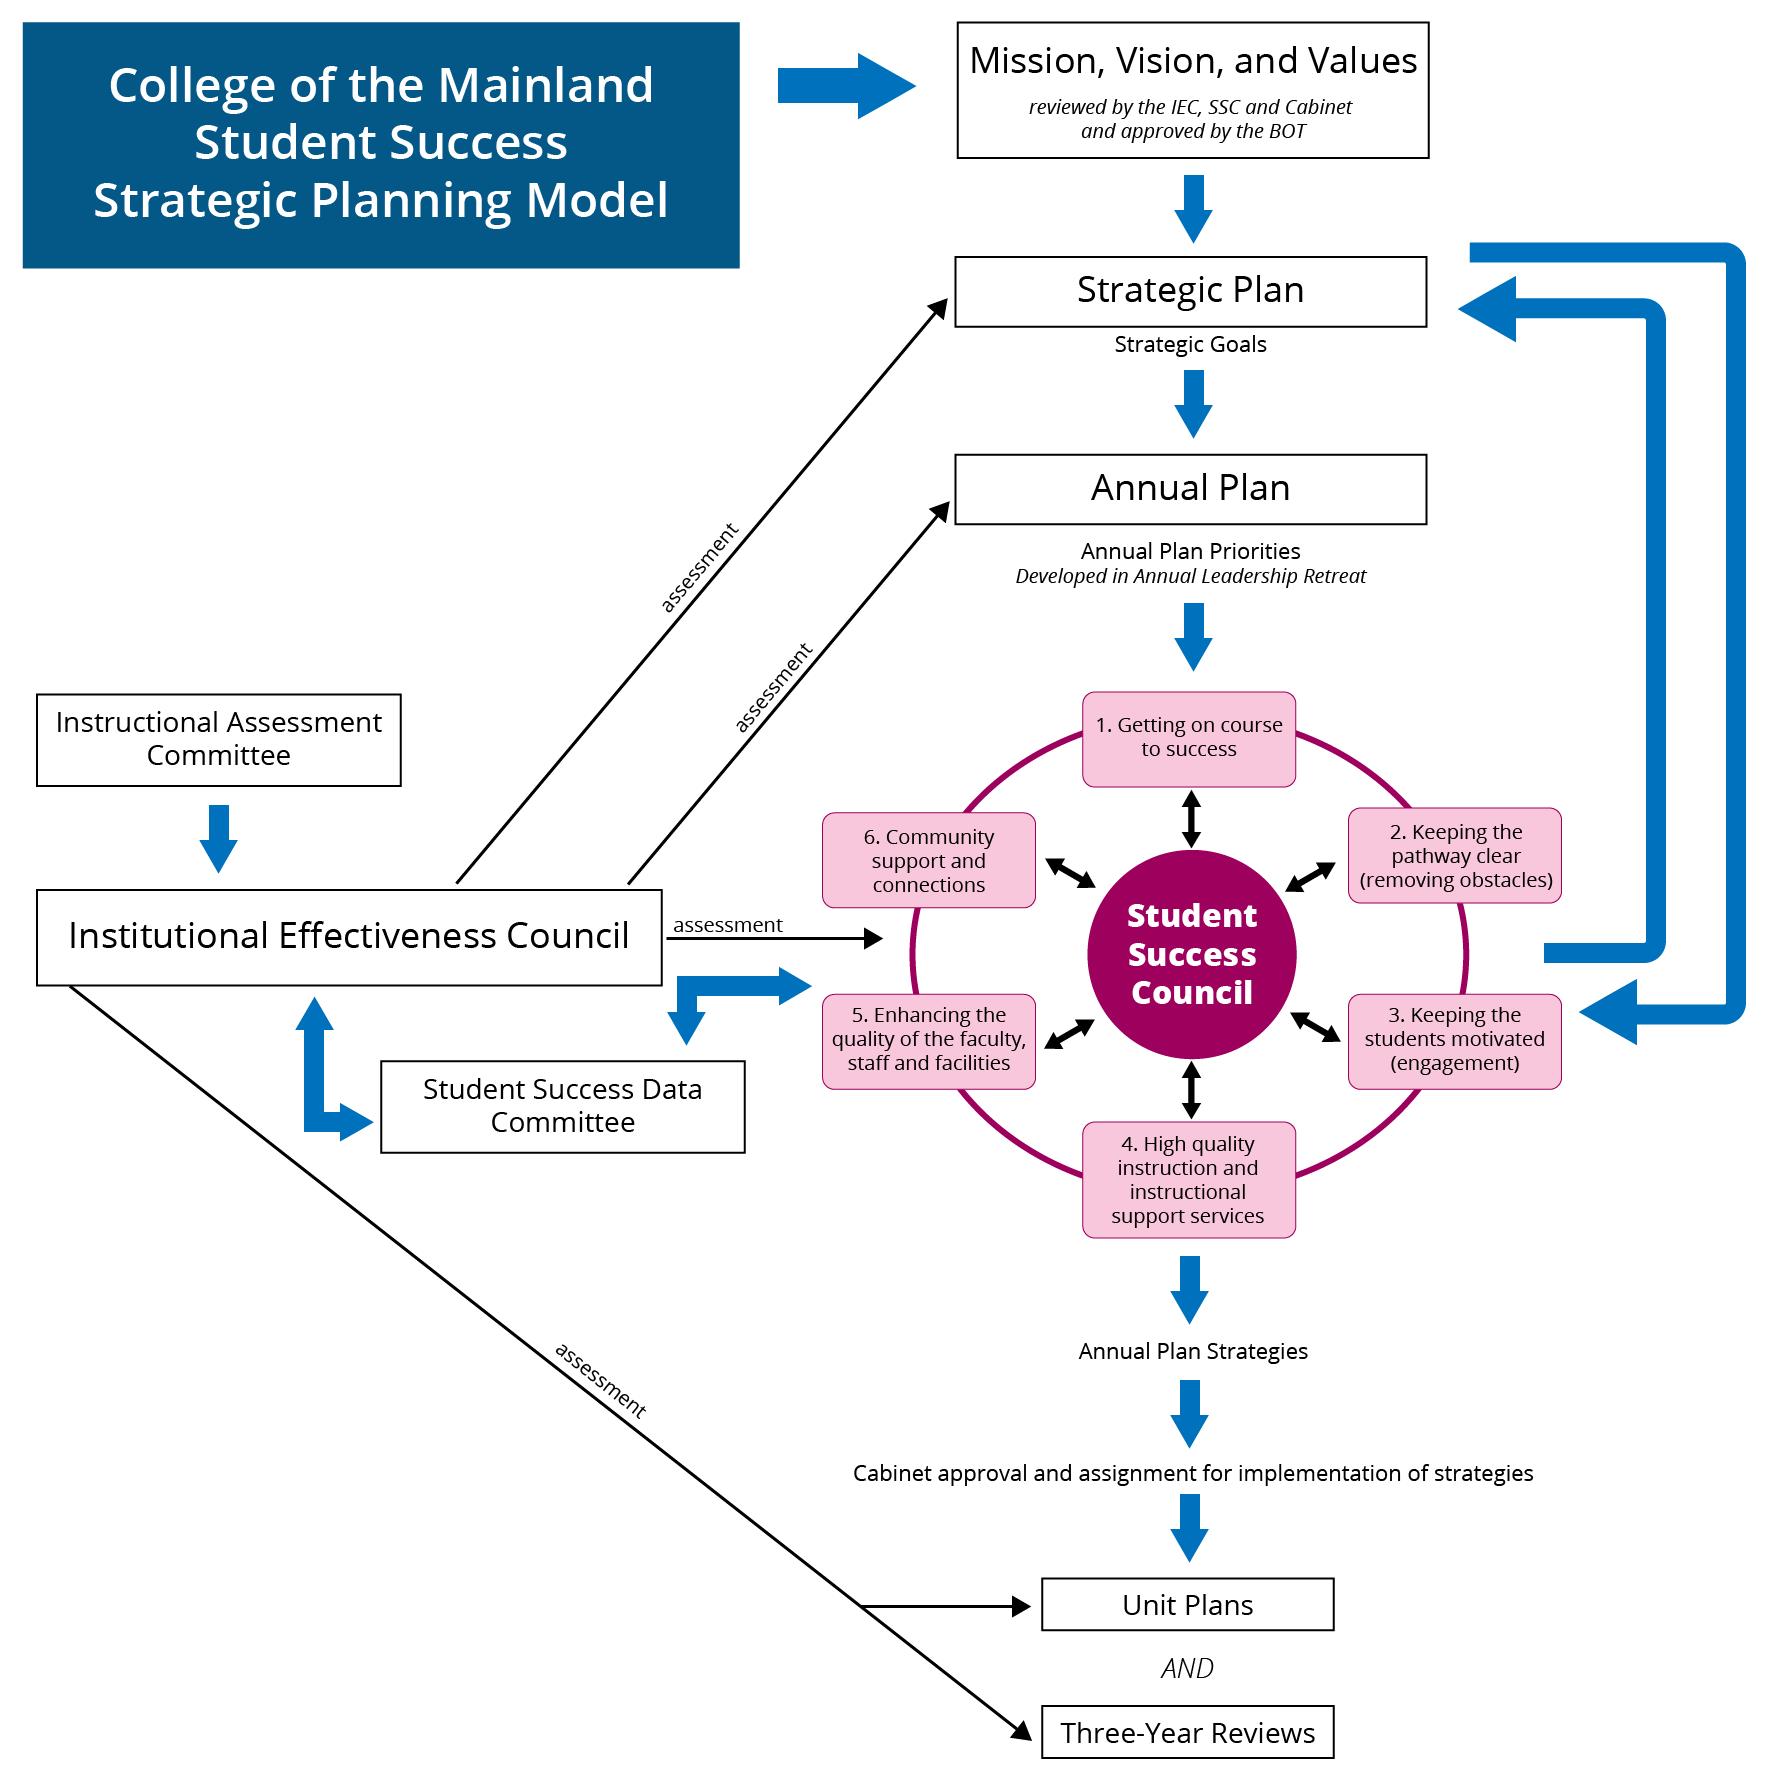 strategic planning framework diagram 1984 chevy truck radio wiring 2014 2018 overview